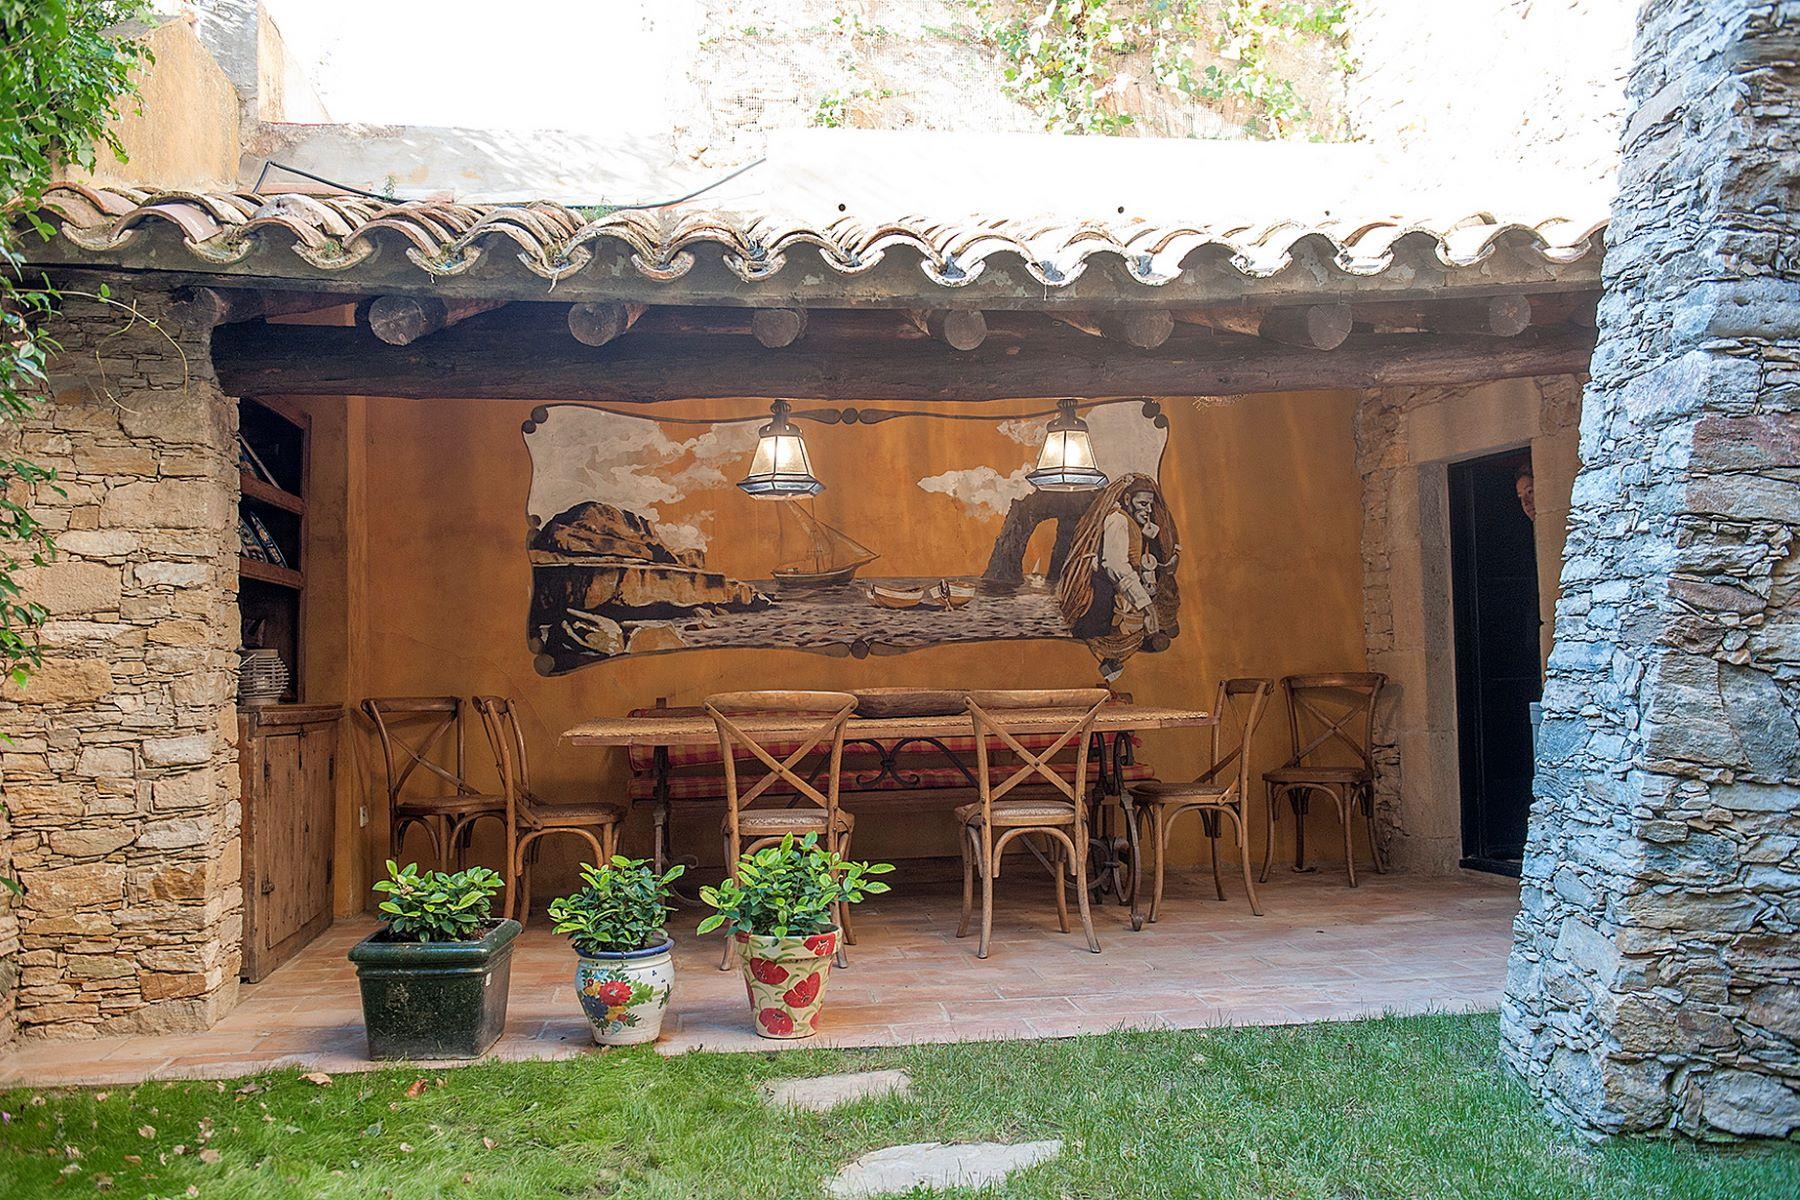 独户住宅 为 销售 在 House in the centre of the village of Begur 贝吉尔, 科斯塔布拉瓦, 17255 西班牙